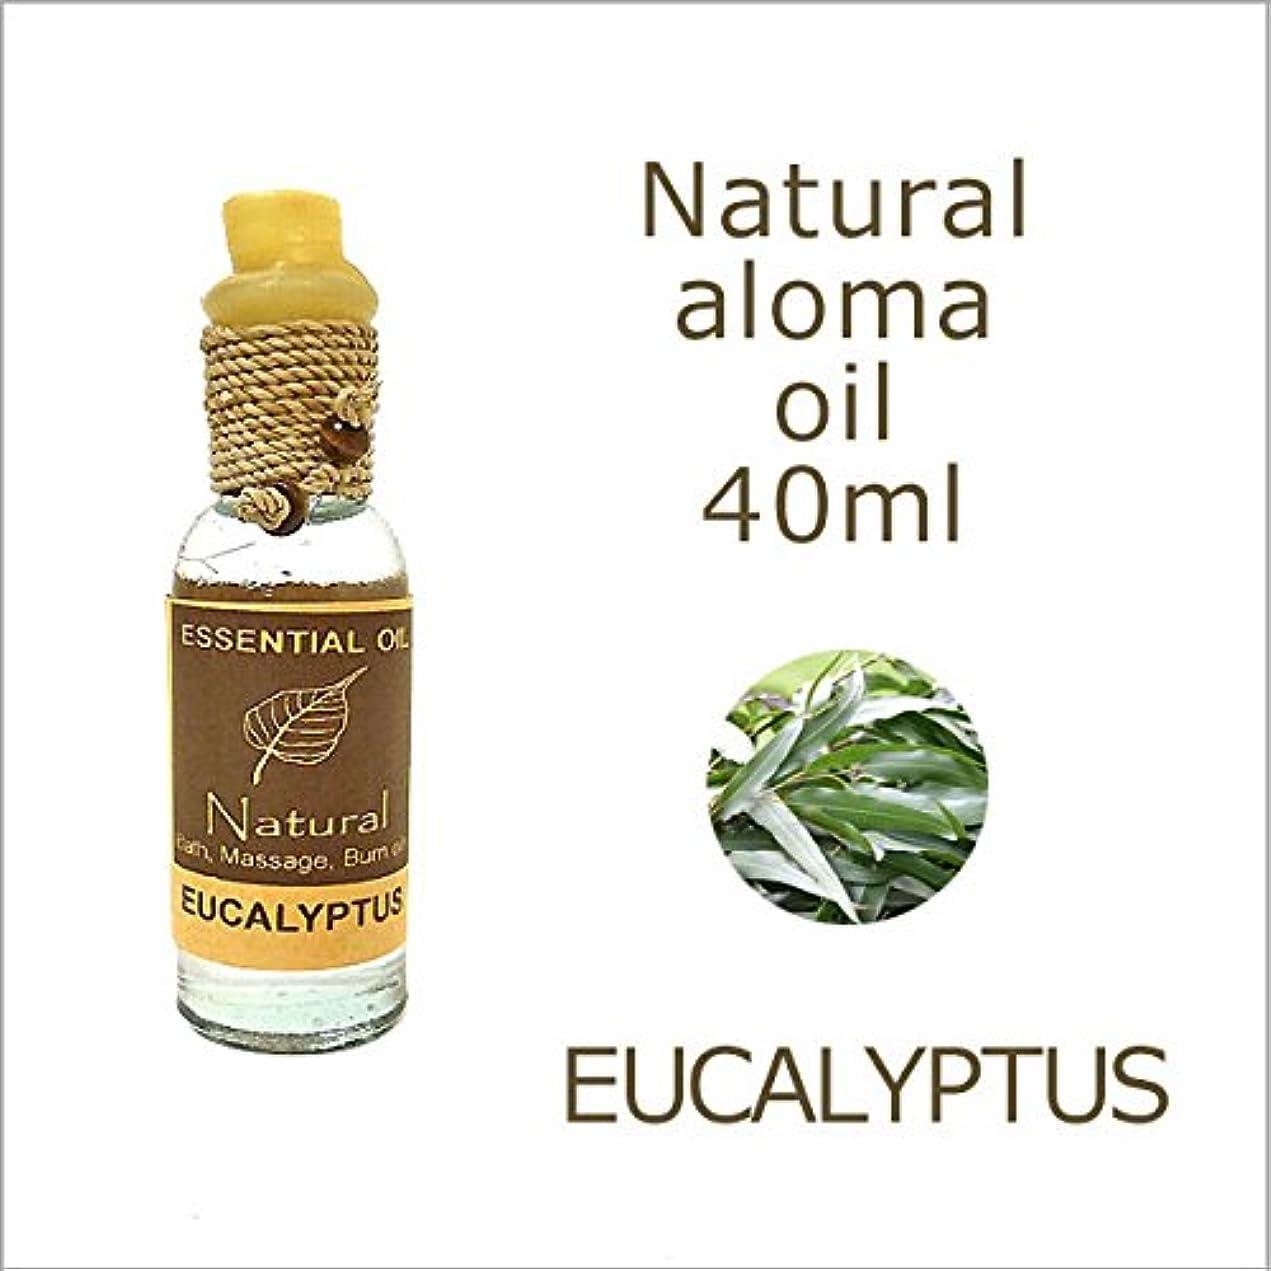 端末大人検査官ユーカリ Eucalyptusアロマオイル40ml マッサージオイル アジアン 雑貨 バリ 雑貨 タイ 雑貨 アジアン インテリア 花粉 対策 並行輸入品